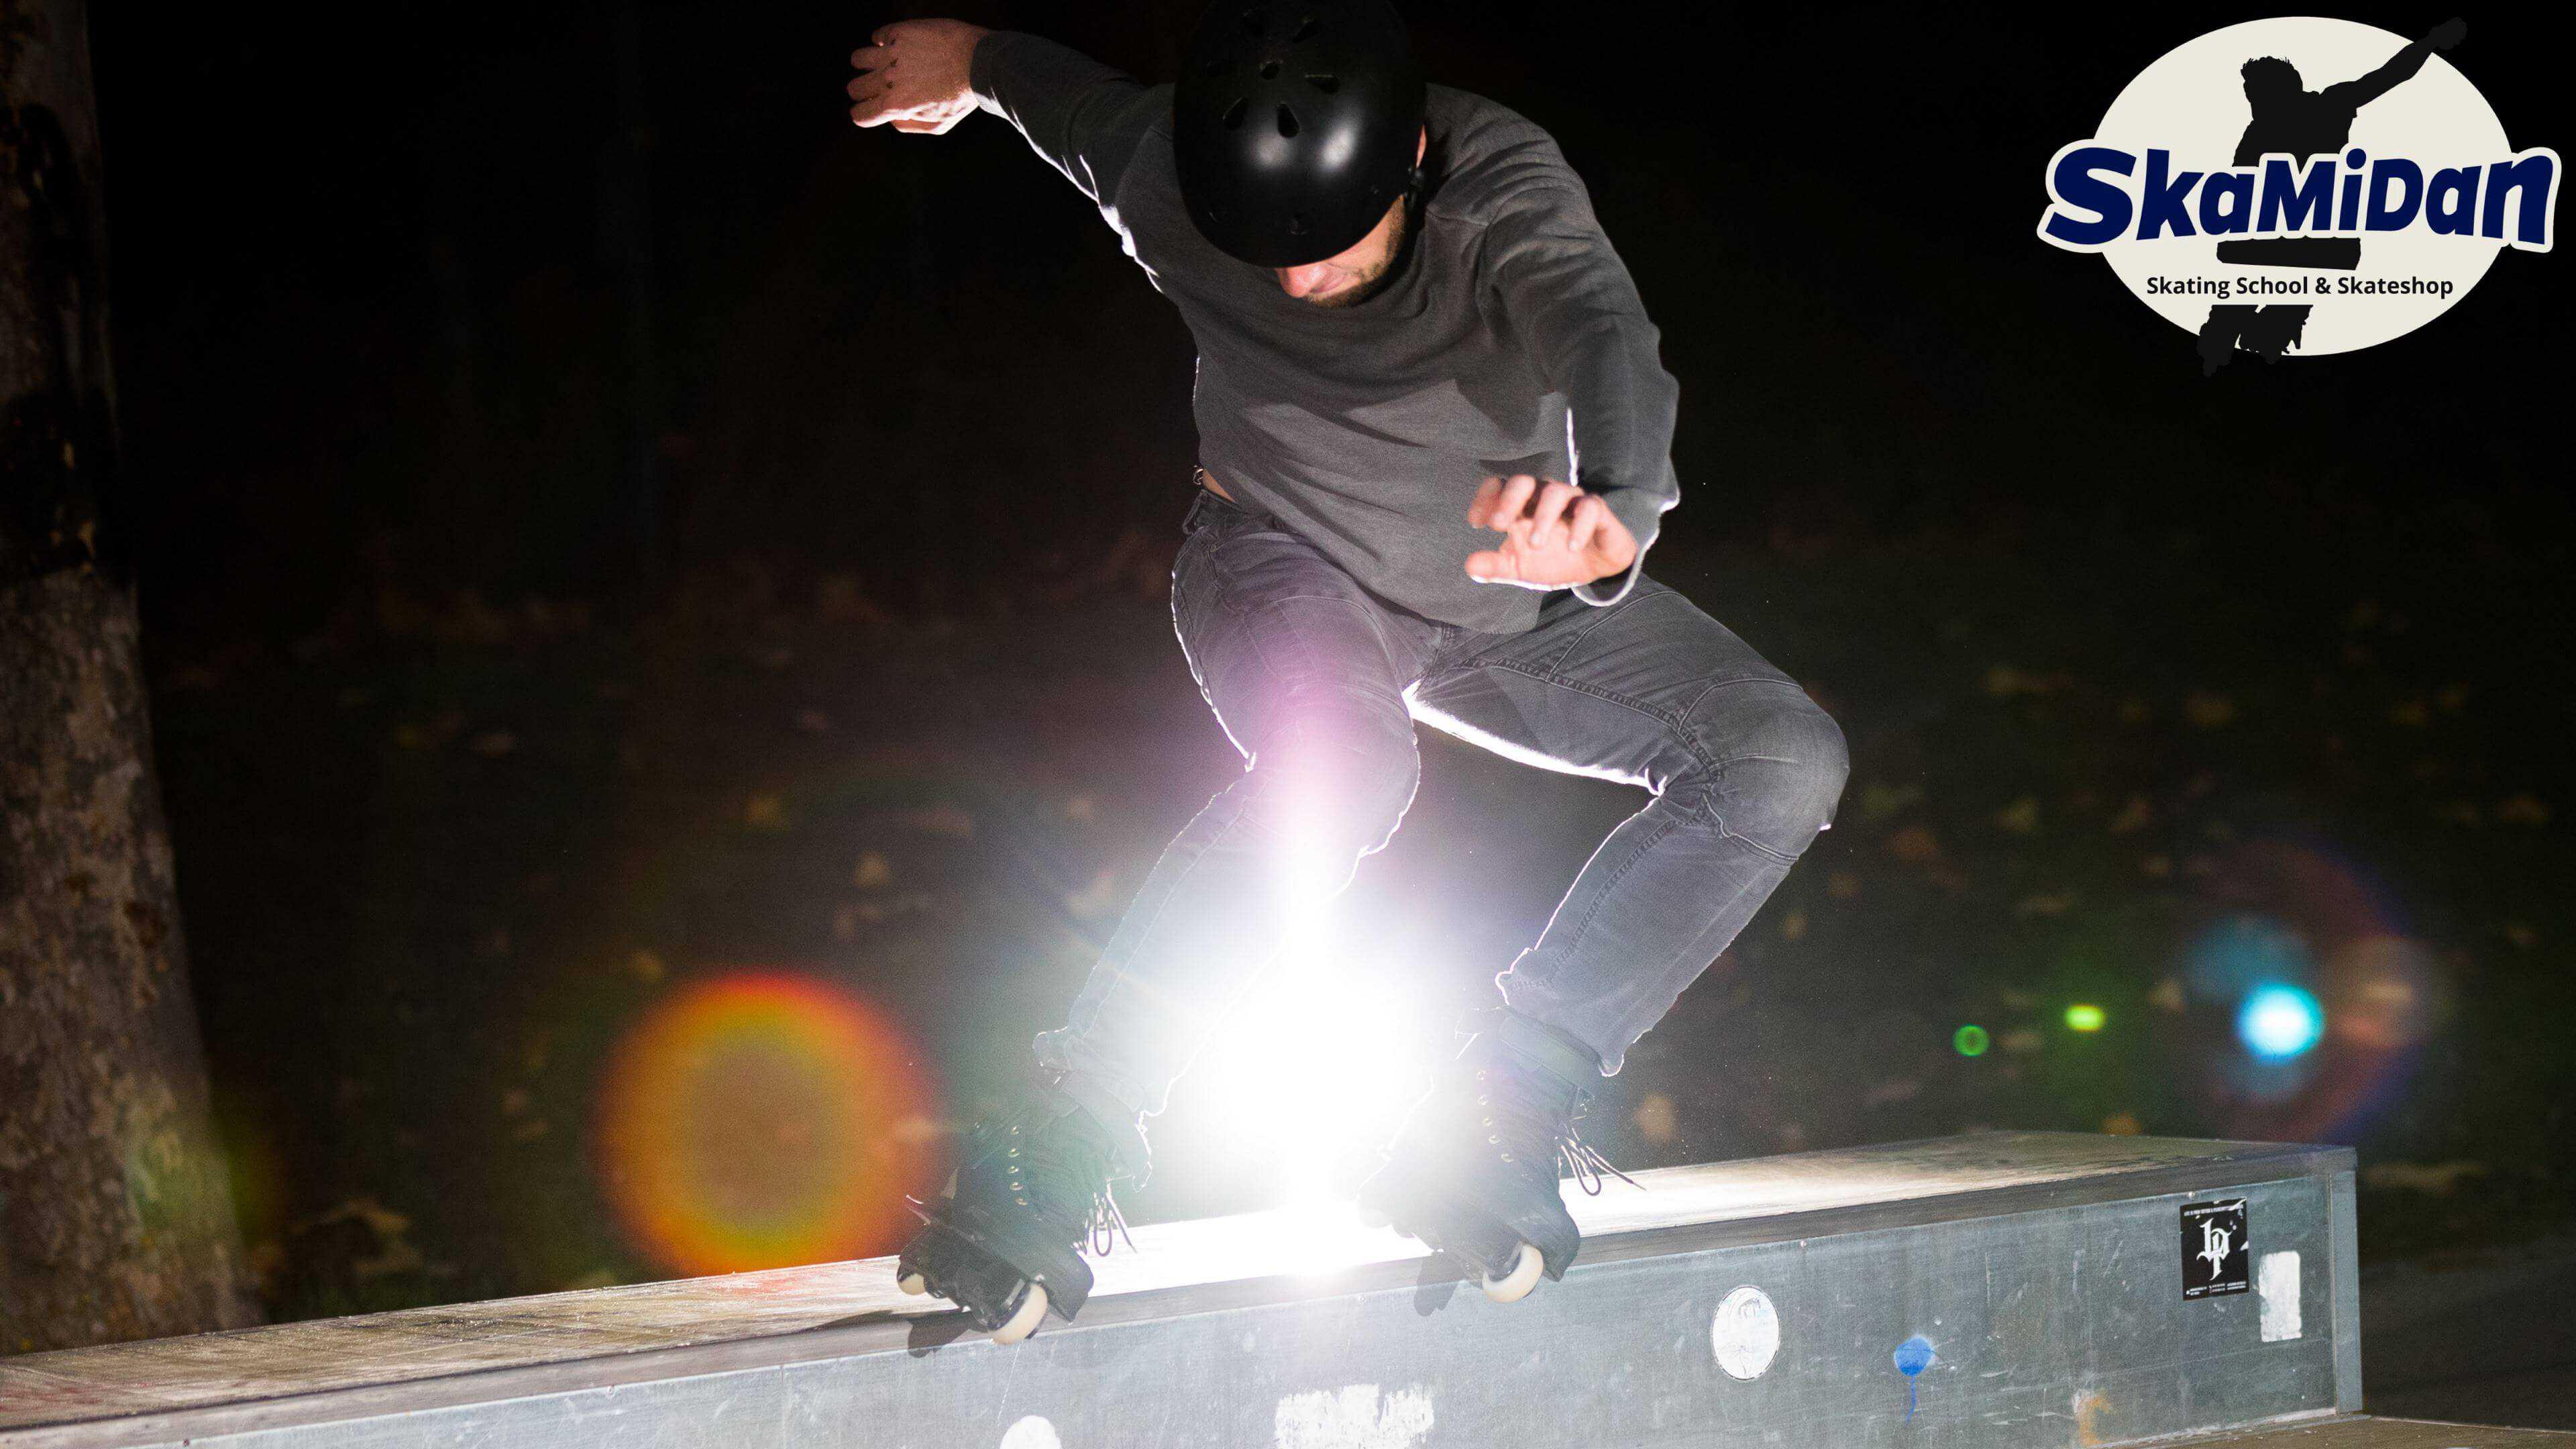 Christoph Kälber Team SkaMiDan Skateschule und Skateshop SkaMiDan Weil am Rhein Basel Lörrach Freiburg und Region Skateschule Inliner Skates Rollschuhe